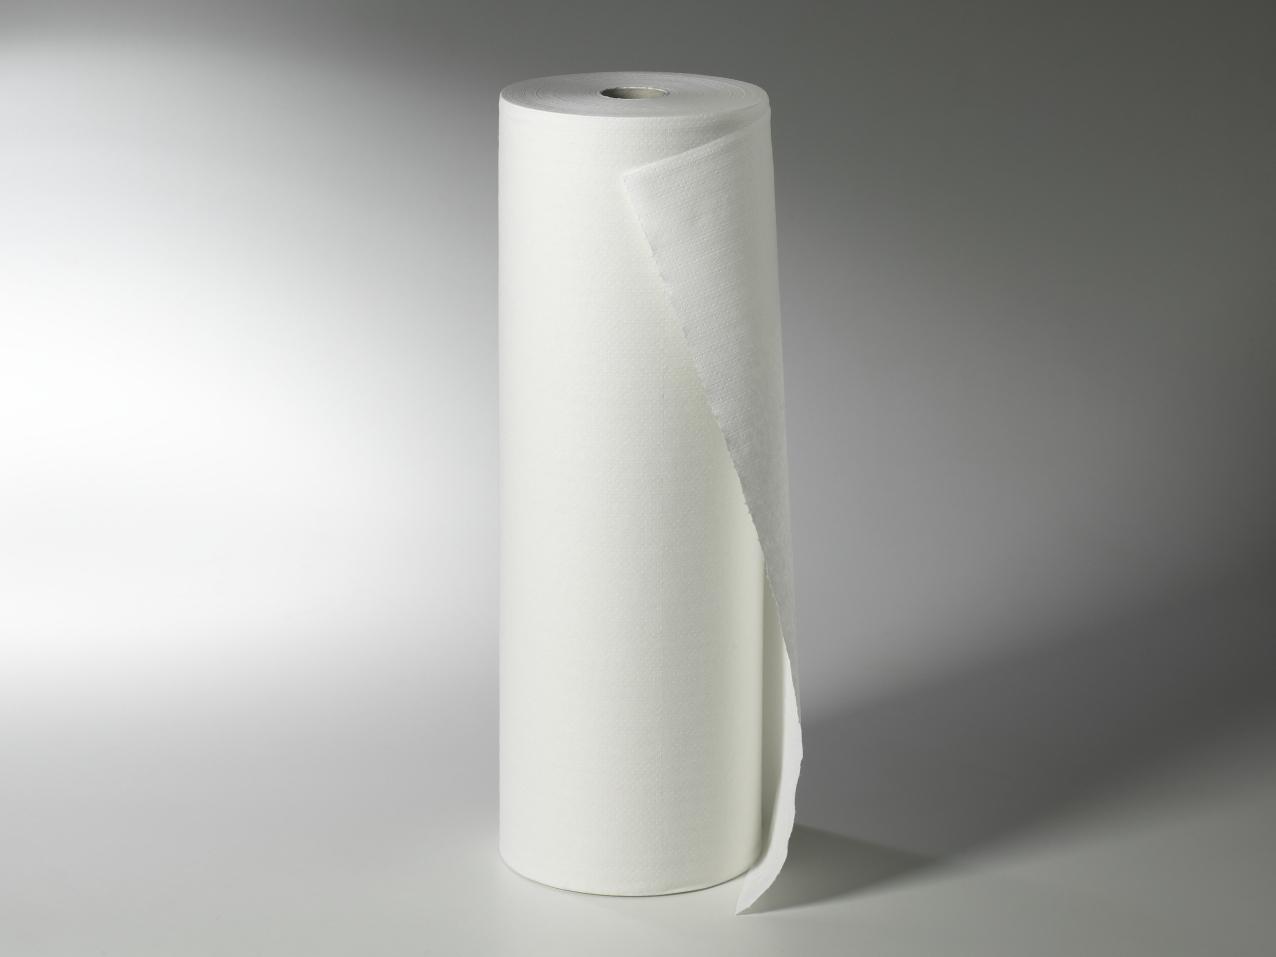 Fripa-Ärztekrepp nova-line, 1-lagig 59 cm x 100 m (9 Rl.), hochweiß